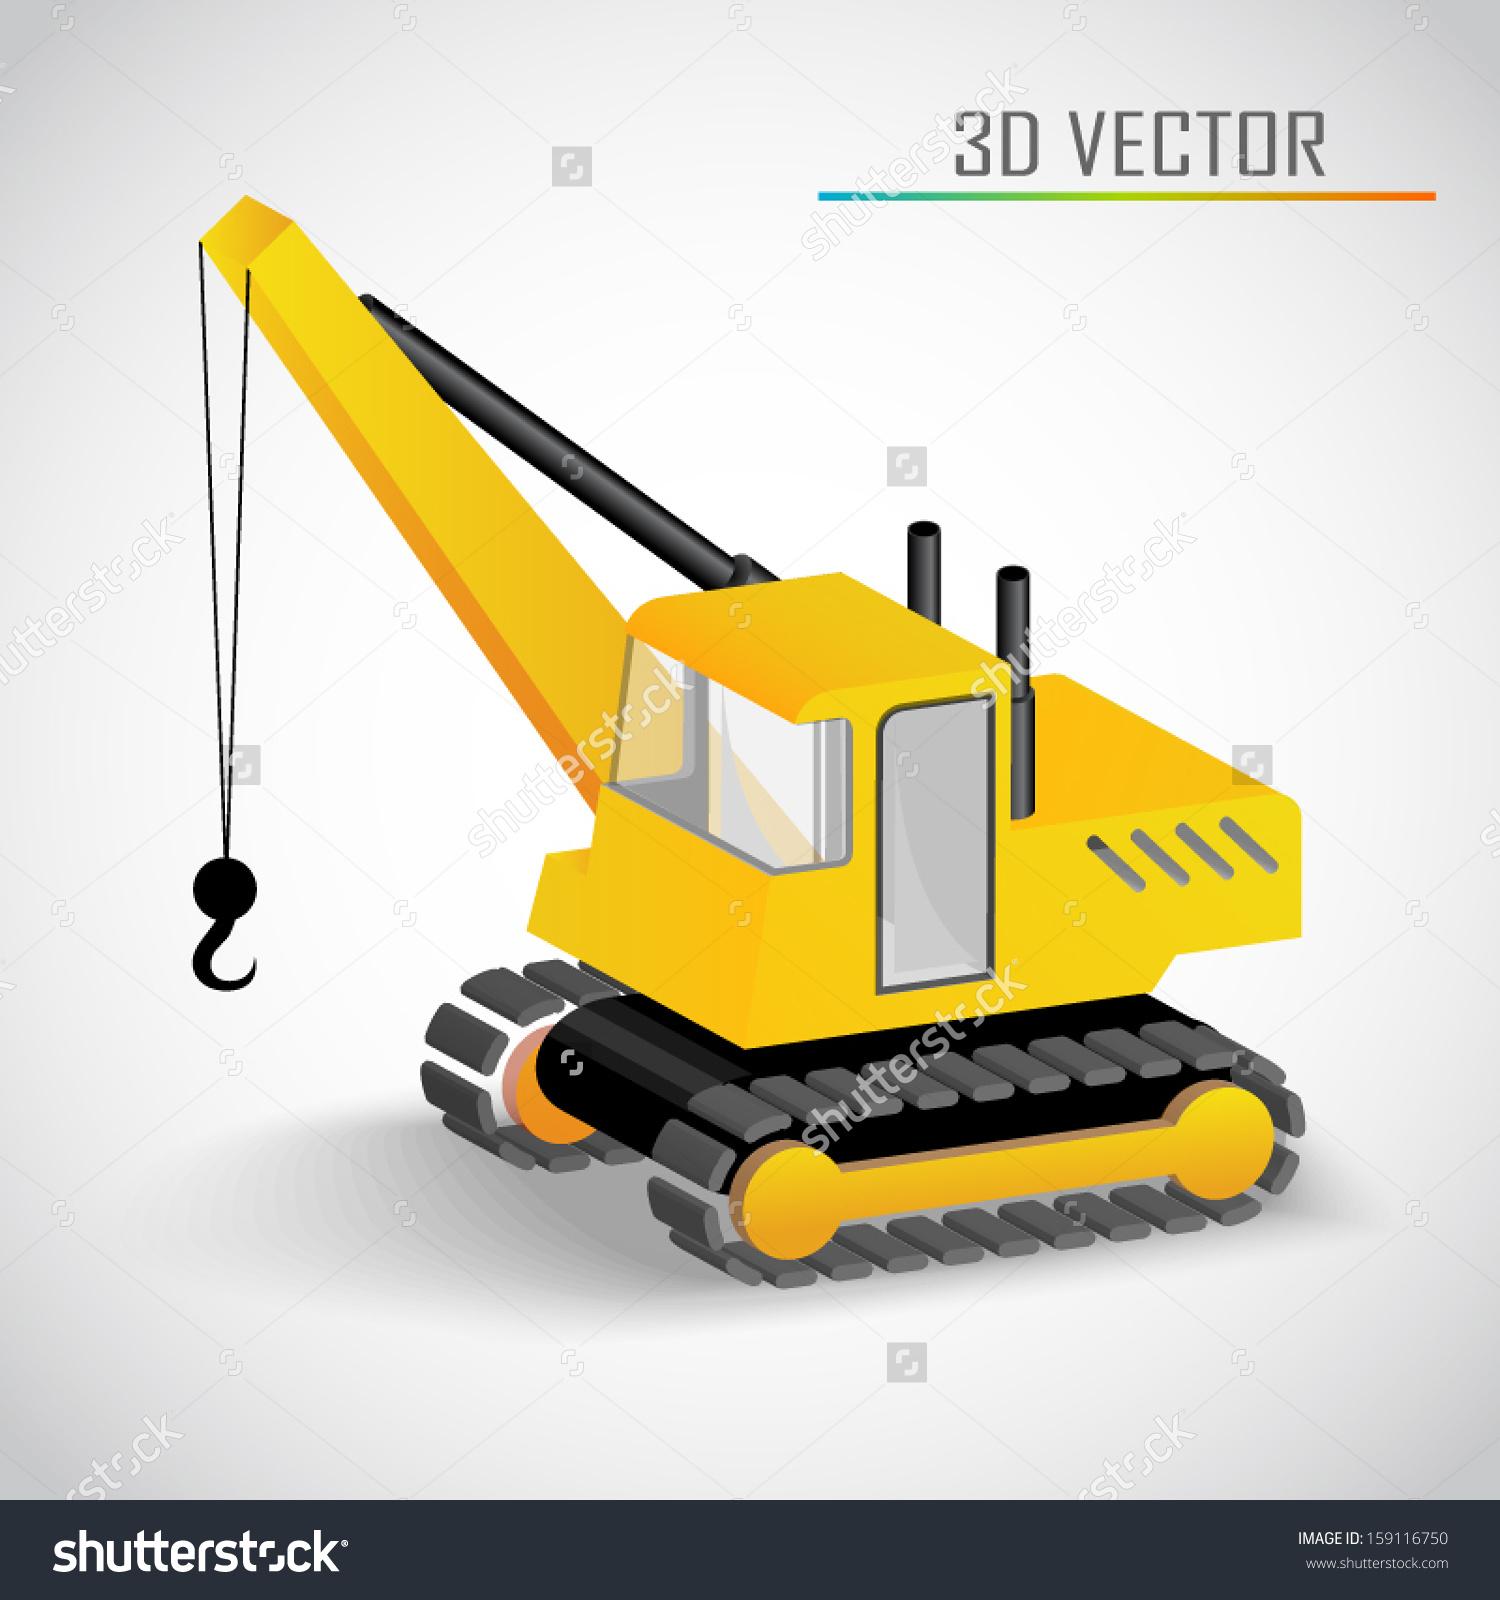 Crane 3d Vector.